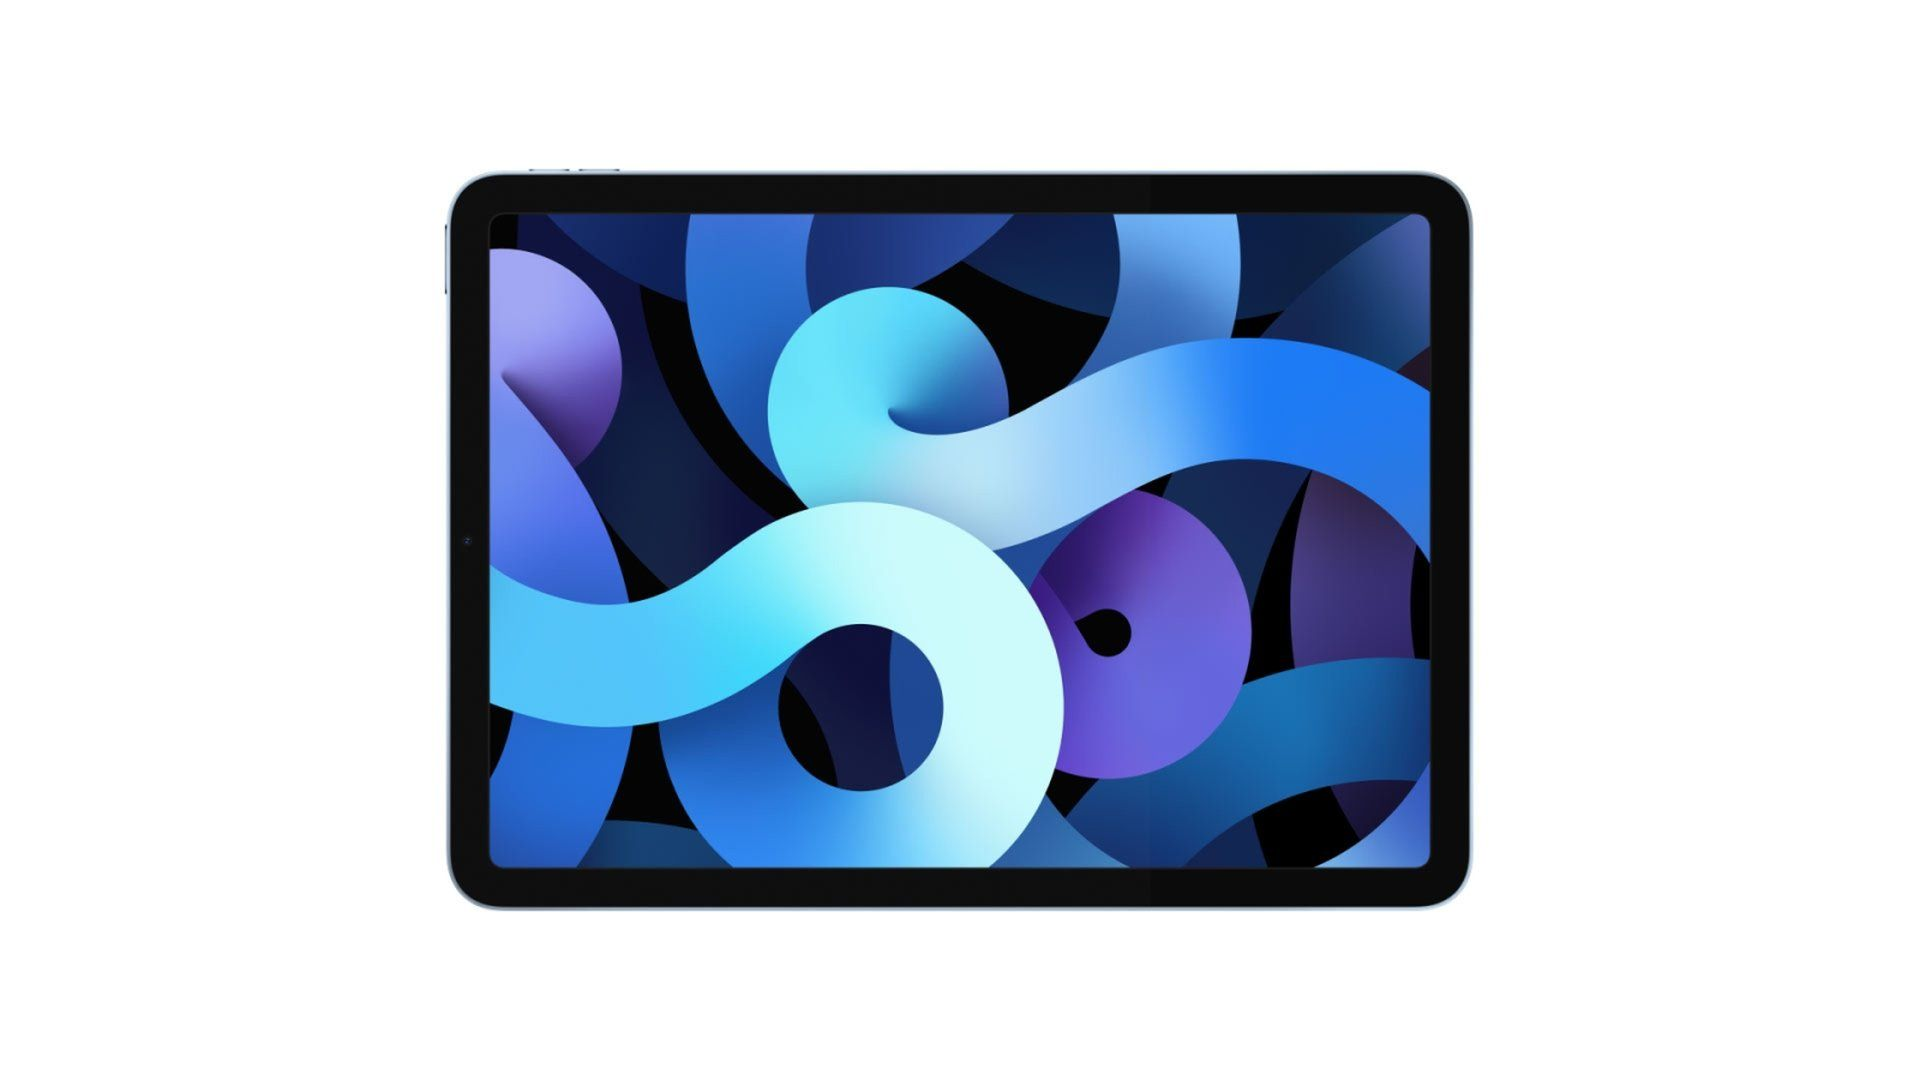 Najnowszej informacje o dacie oficjalnej sprzedaży iPada Air 4 generacji